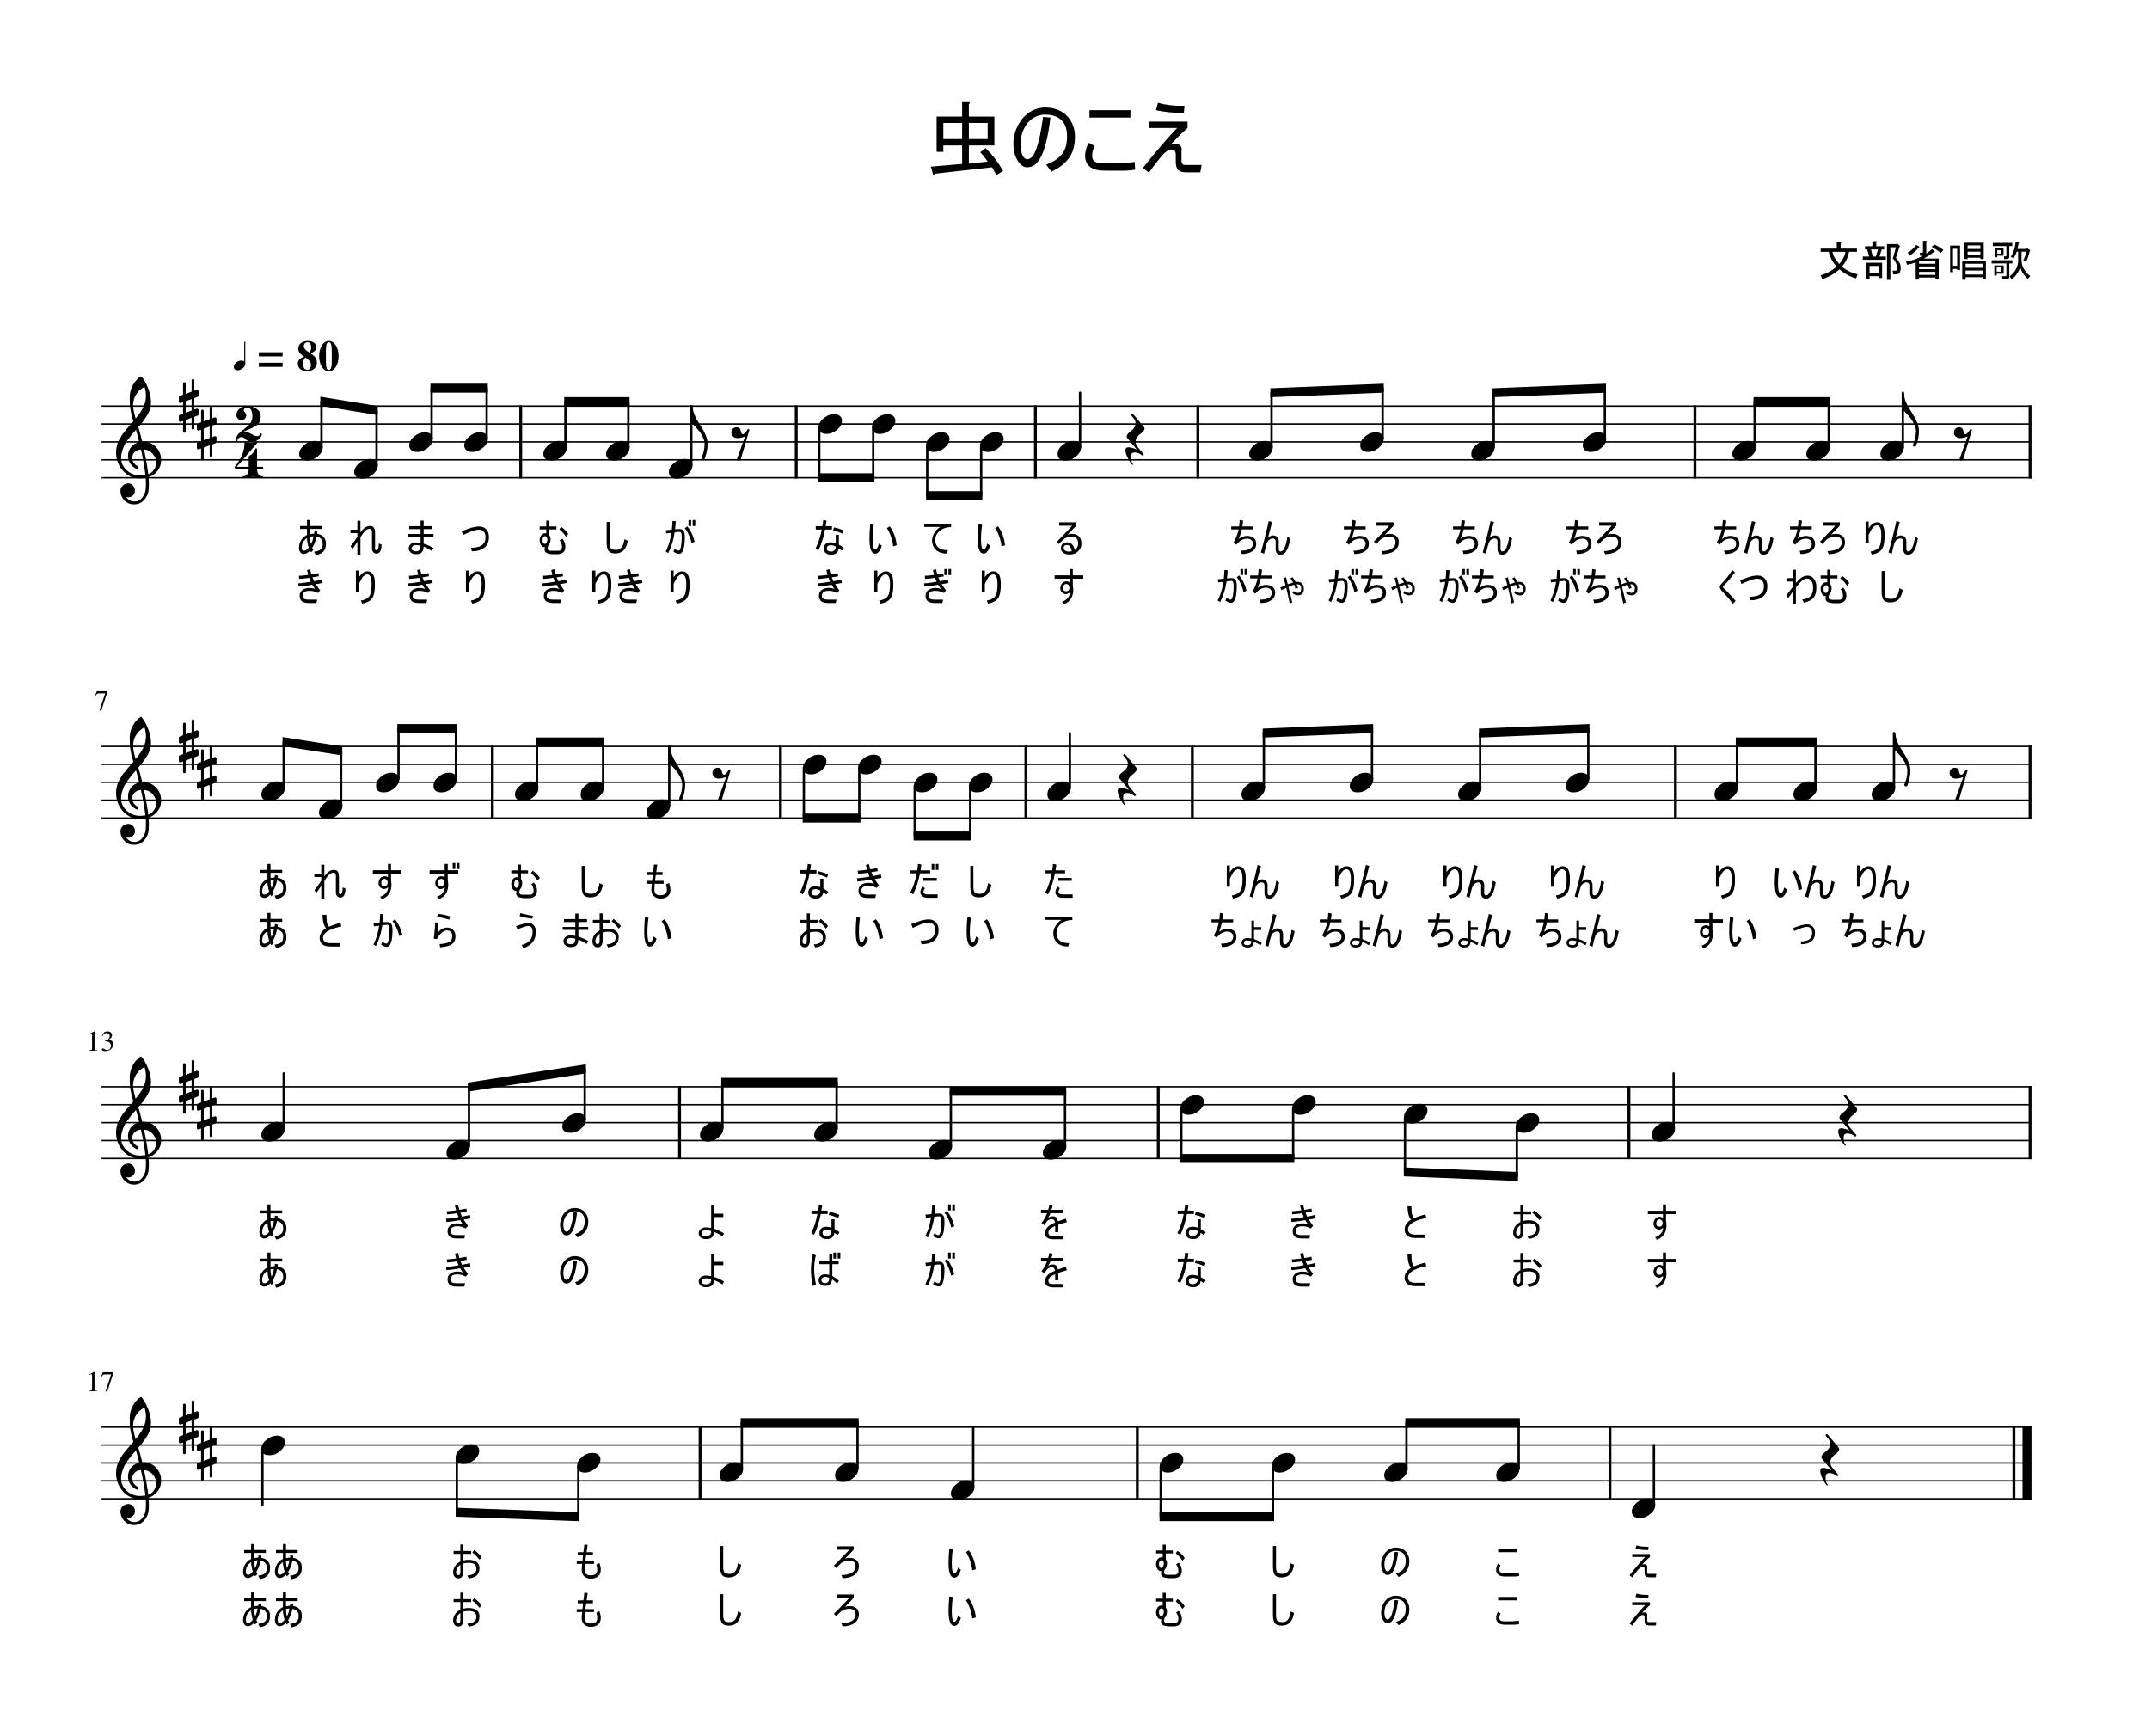 声 歌詞 の 海